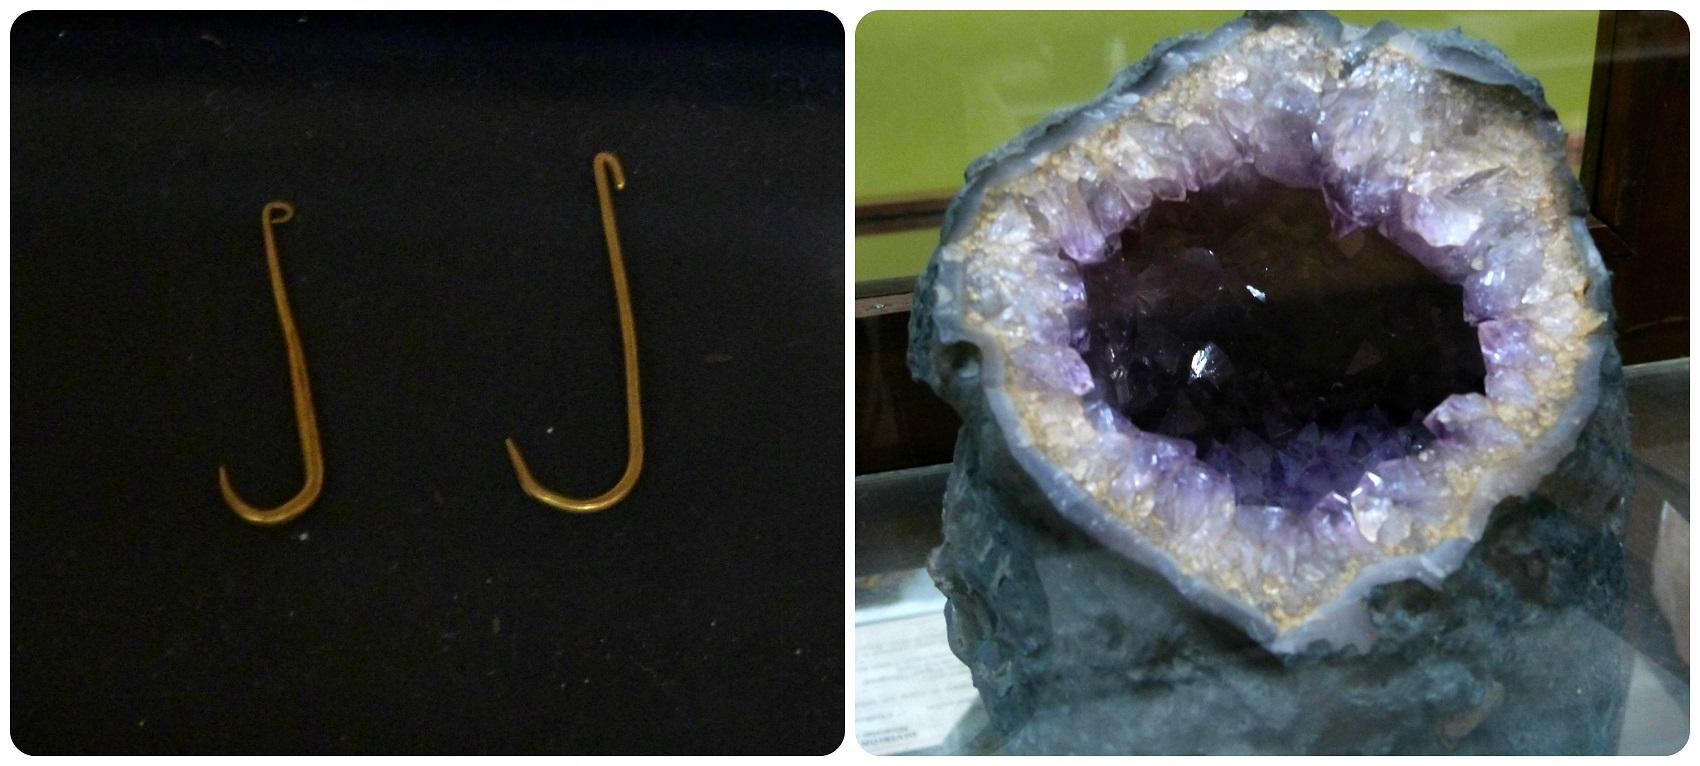 Piezas expuestas en el Museo de historia natural de Popayán